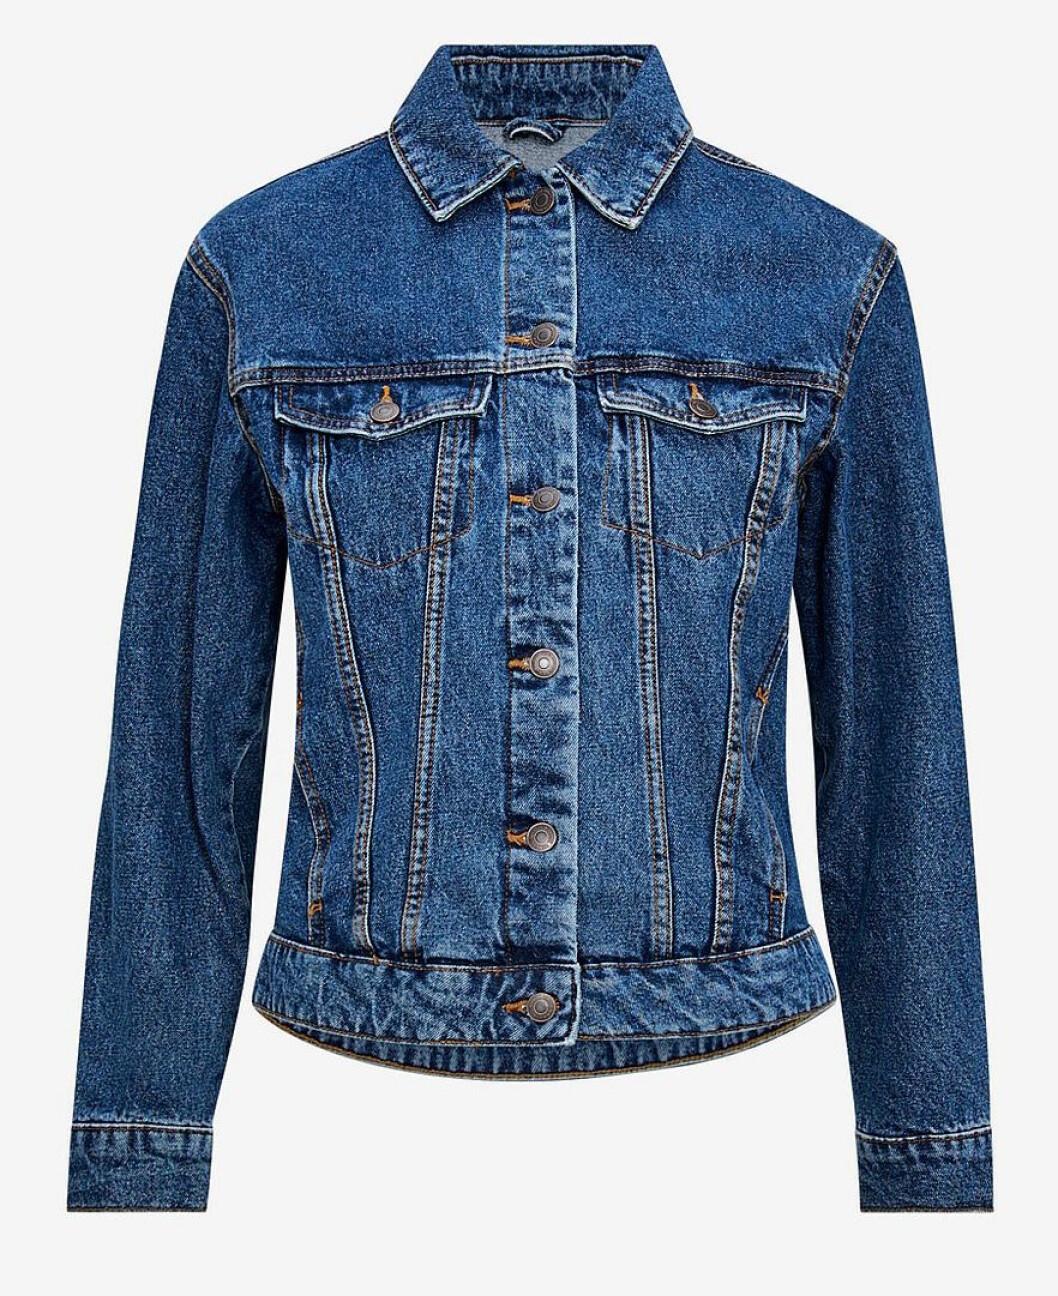 Blå jeansjacka med krage för dam till 2019